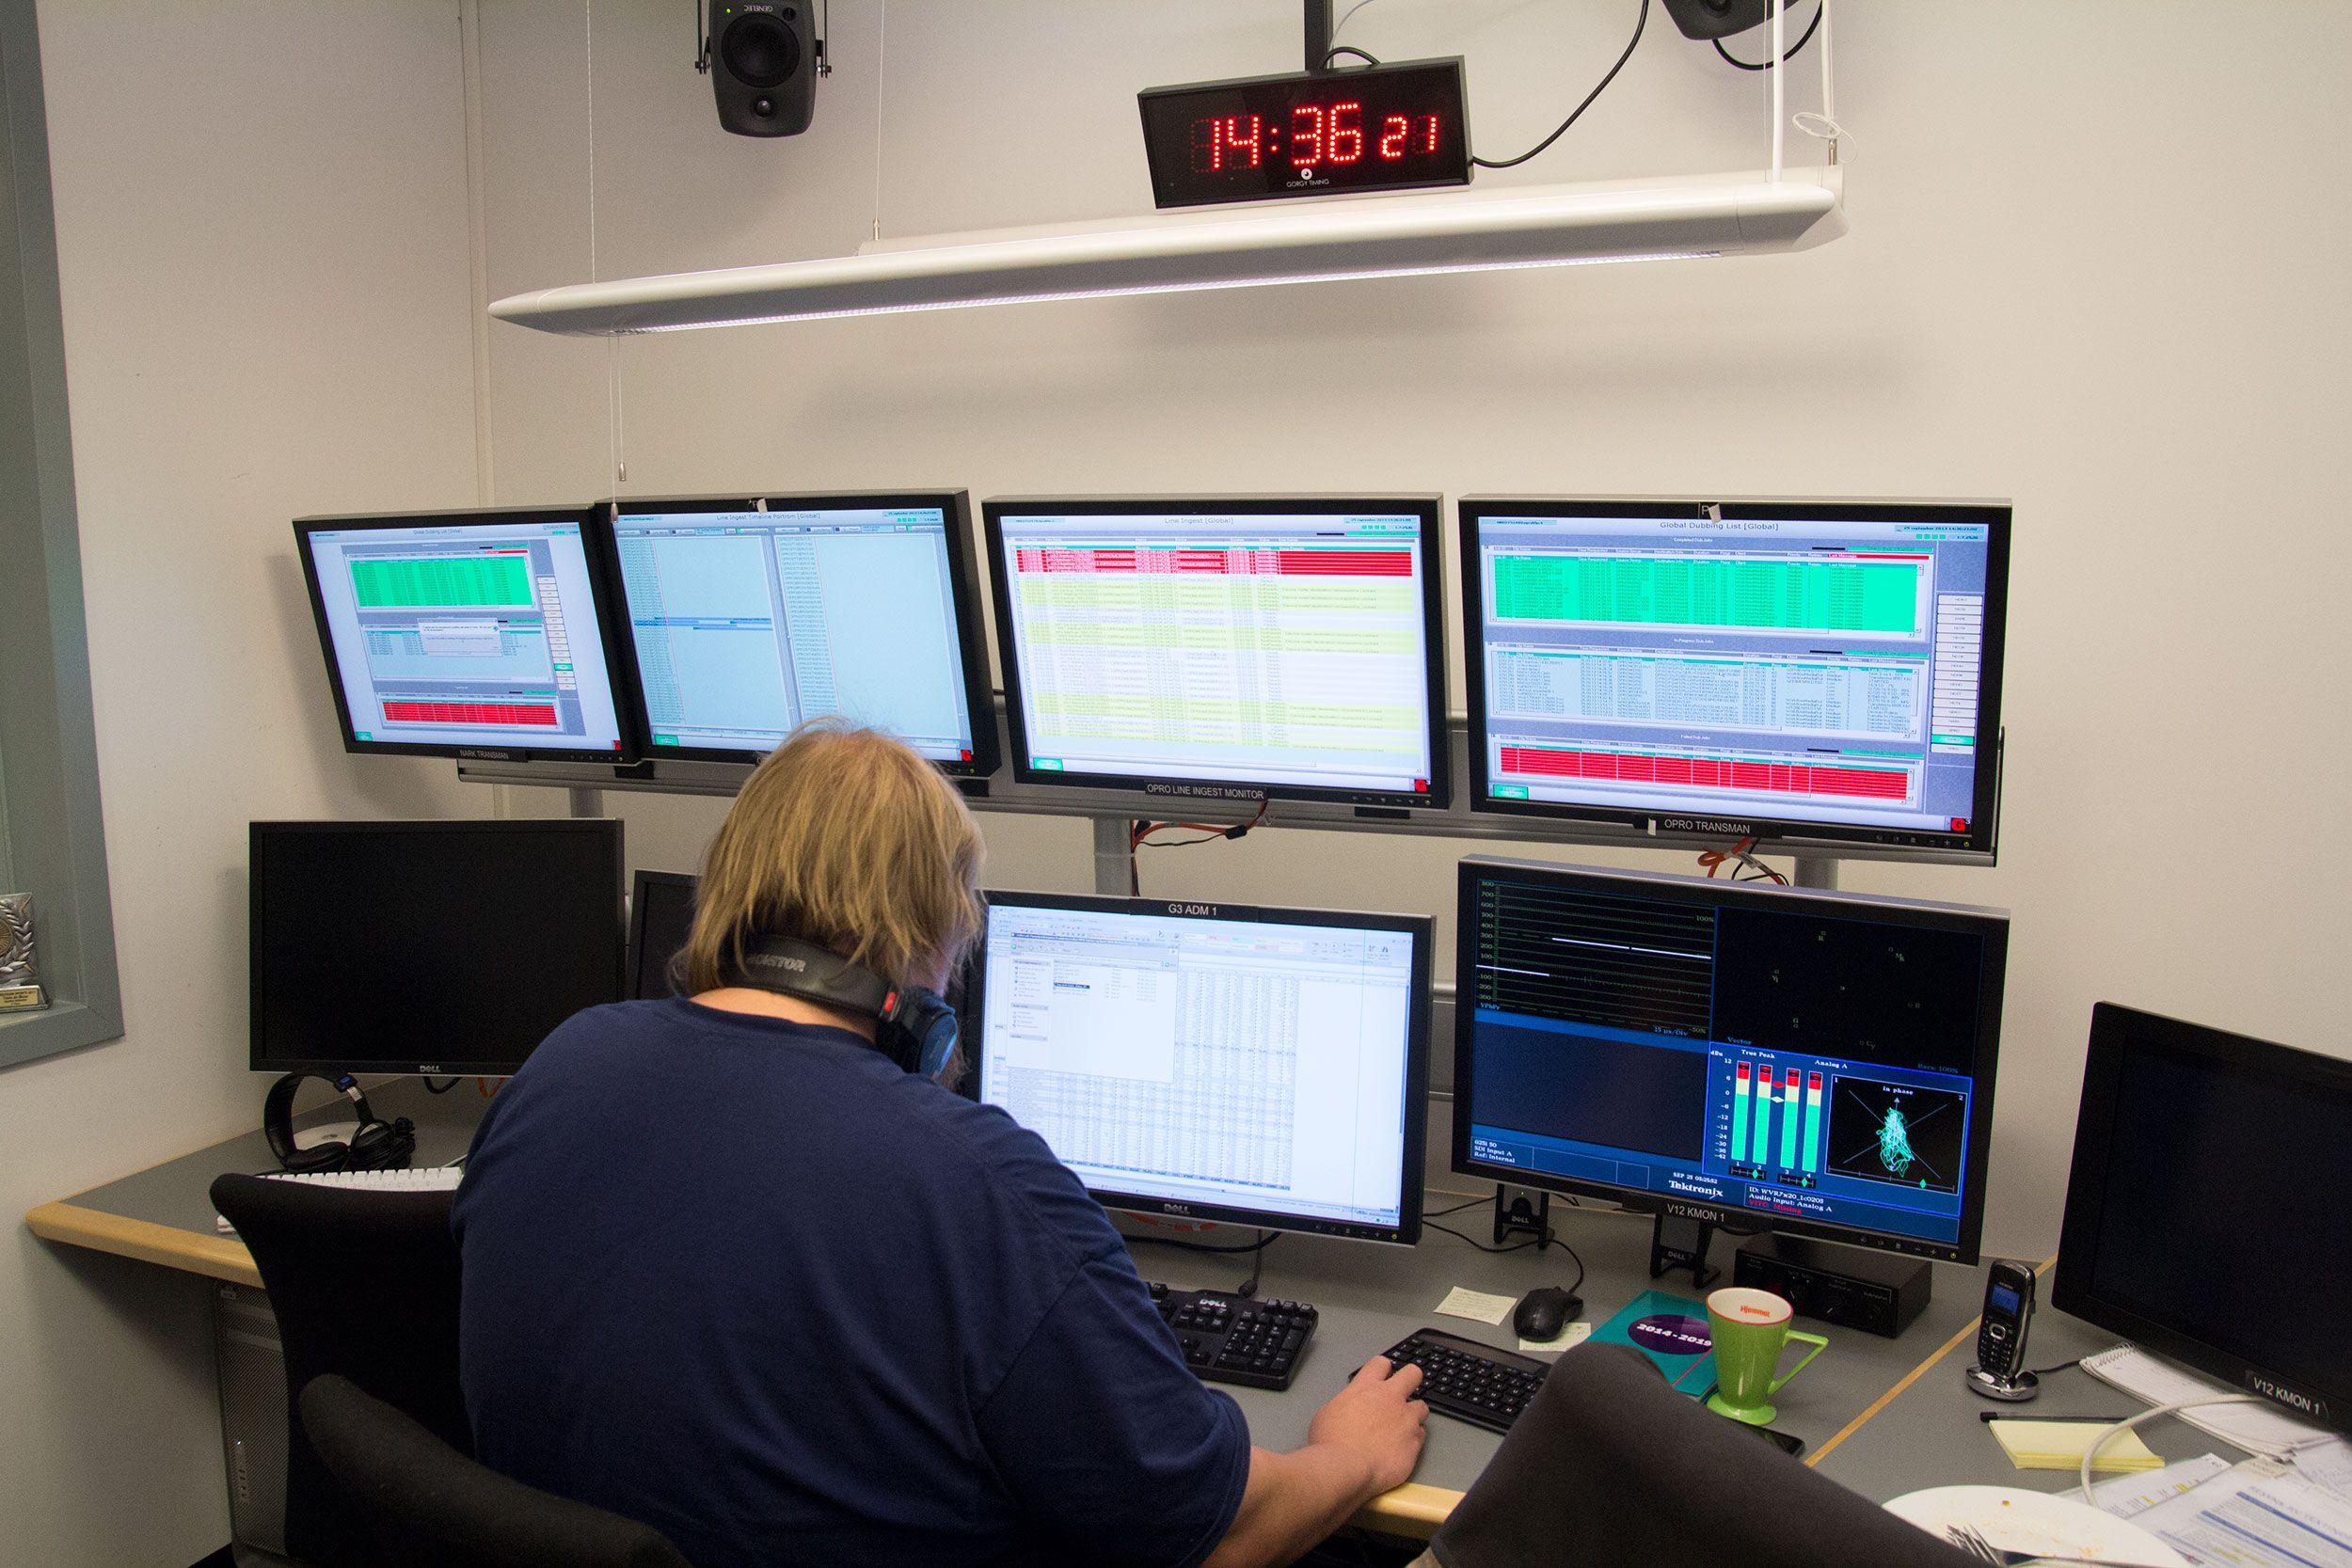 En av Programbankens overvåkningssentraler. Foto: Jørgen Elton Nilsen, Hardware.no